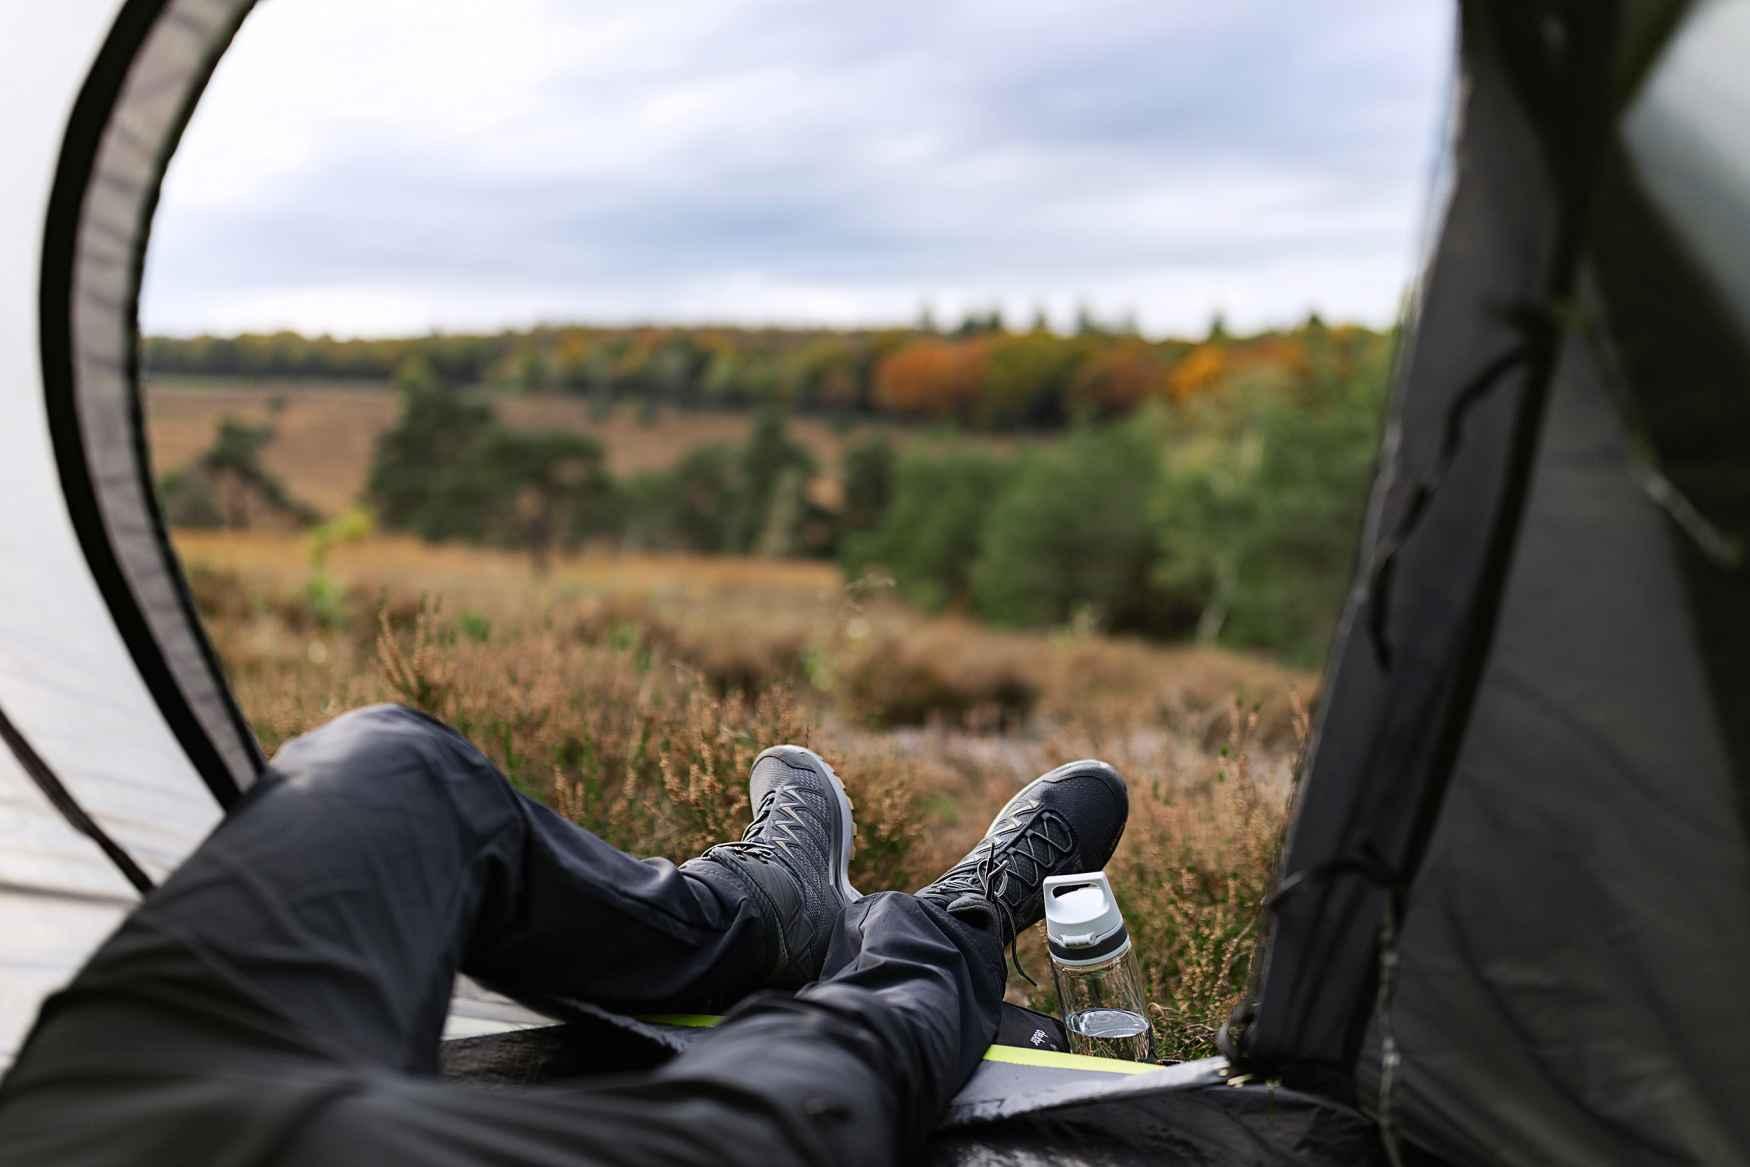 Het kleurrijke multitalent INNOX PRO LO toont zich verrassend flexibel en perfect voor de zomer als een korte wandeling in de natuur toch uitloopt op een ongeplande uitdagende tocht. De INNOX PRO MID LO kan ook korte omwegen door onbekend terrein met gemak aan en scoort met zijn tussenzool van LOWA DynaPU® met optimale demping en optimaal draagcomfort ook dankzij het ondersteunende LOWA-MONOWRAP® frame.